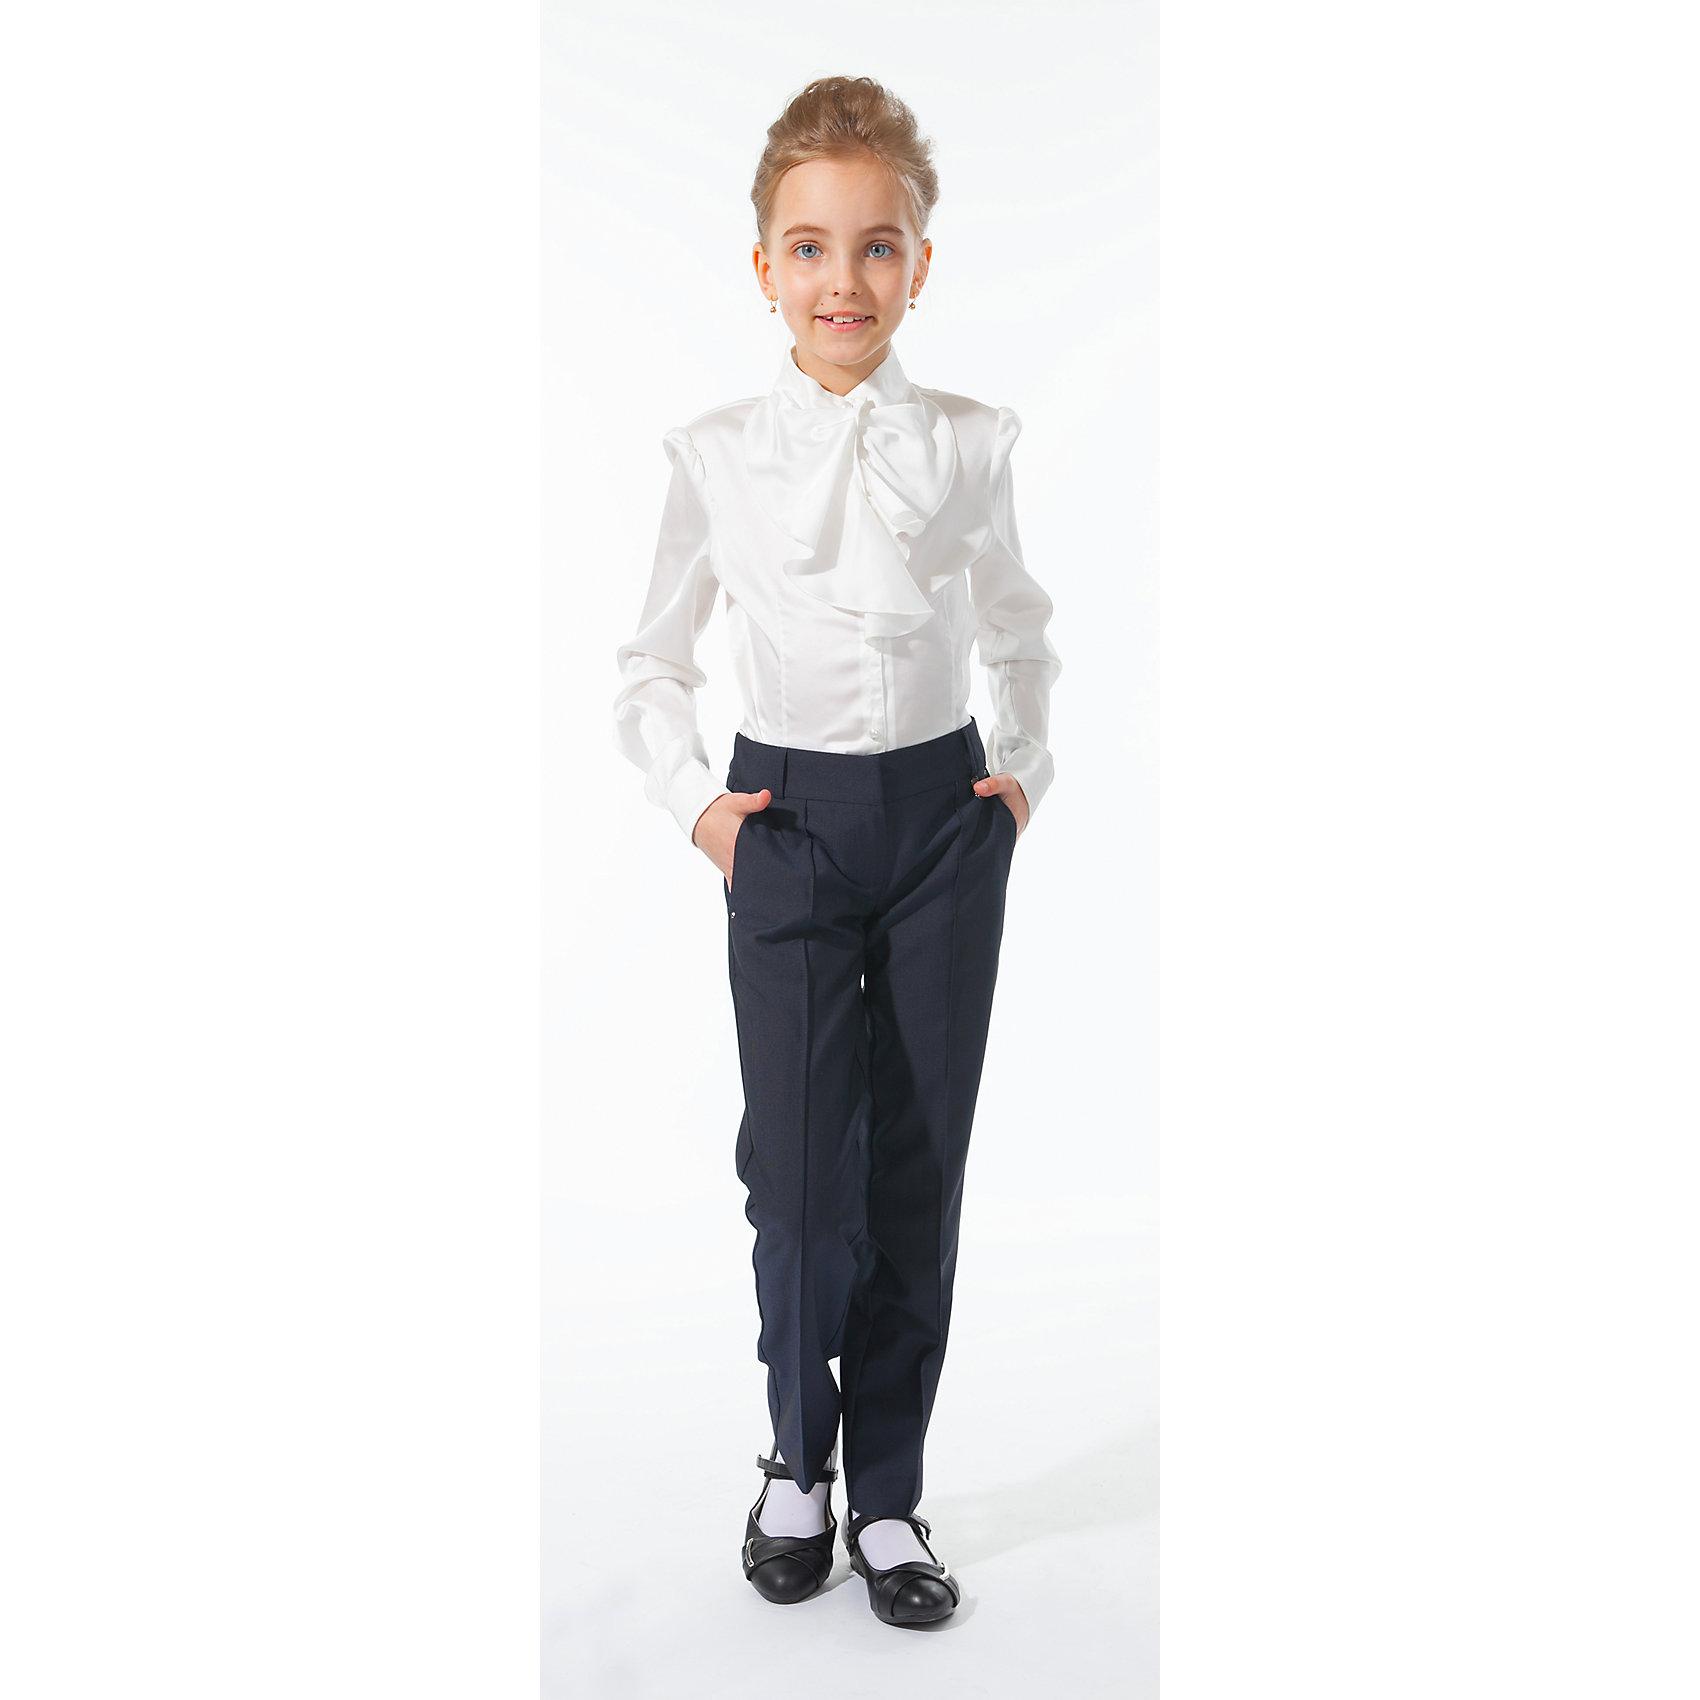 Блузка для девочки Silver SpoonБлузки и рубашки<br>Блузка для девочки Silver Spoon (Сильвер Спун) - отличный вариант для маленьких школьниц. Симпатичная модная блузка позволит создать свой оригинальный образ и чувствовать себя комфортно на протяжении всего дня занятий. Модель очень легкая и приятная на ощупь, не сковывает движений, не раздражает кожу и позволяет ей дышать. У блузки длинные рукава с манжетами на пуговичках, воротник-стойка, спереди застегивается на пуговицы. Модель декорирована на груди нарядным жабо. Классический покрой позволяет использовать блузку в различных сочетаниях - с юбкой, брюками, костюмом и другими предметами школьного гардероба. Все модели Сильвер Спун предназначены для повседневного интенсивного использования и выполнены из прочных тканей, которые позволяют вещам выглядеть великолепно на протяжении длительного срока эксплуатации. Стирка при температуре 30°С, гладить при температуре до 110°С.<br><br>Дополнительная информация:<br><br>- Цвет: белый.<br>- Материал: 97% полиэстер, 3% спандекс.<br><br>Блузку для девочки, Silver Spoon (Сильвер Спун), можно купить в нашем интернет-магазине.<br><br>Ширина мм: 186<br>Глубина мм: 87<br>Высота мм: 198<br>Вес г: 197<br>Цвет: белый<br>Возраст от месяцев: 120<br>Возраст до месяцев: 132<br>Пол: Женский<br>Возраст: Детский<br>Размер: 146,158,128,134,140,152<br>SKU: 4145854